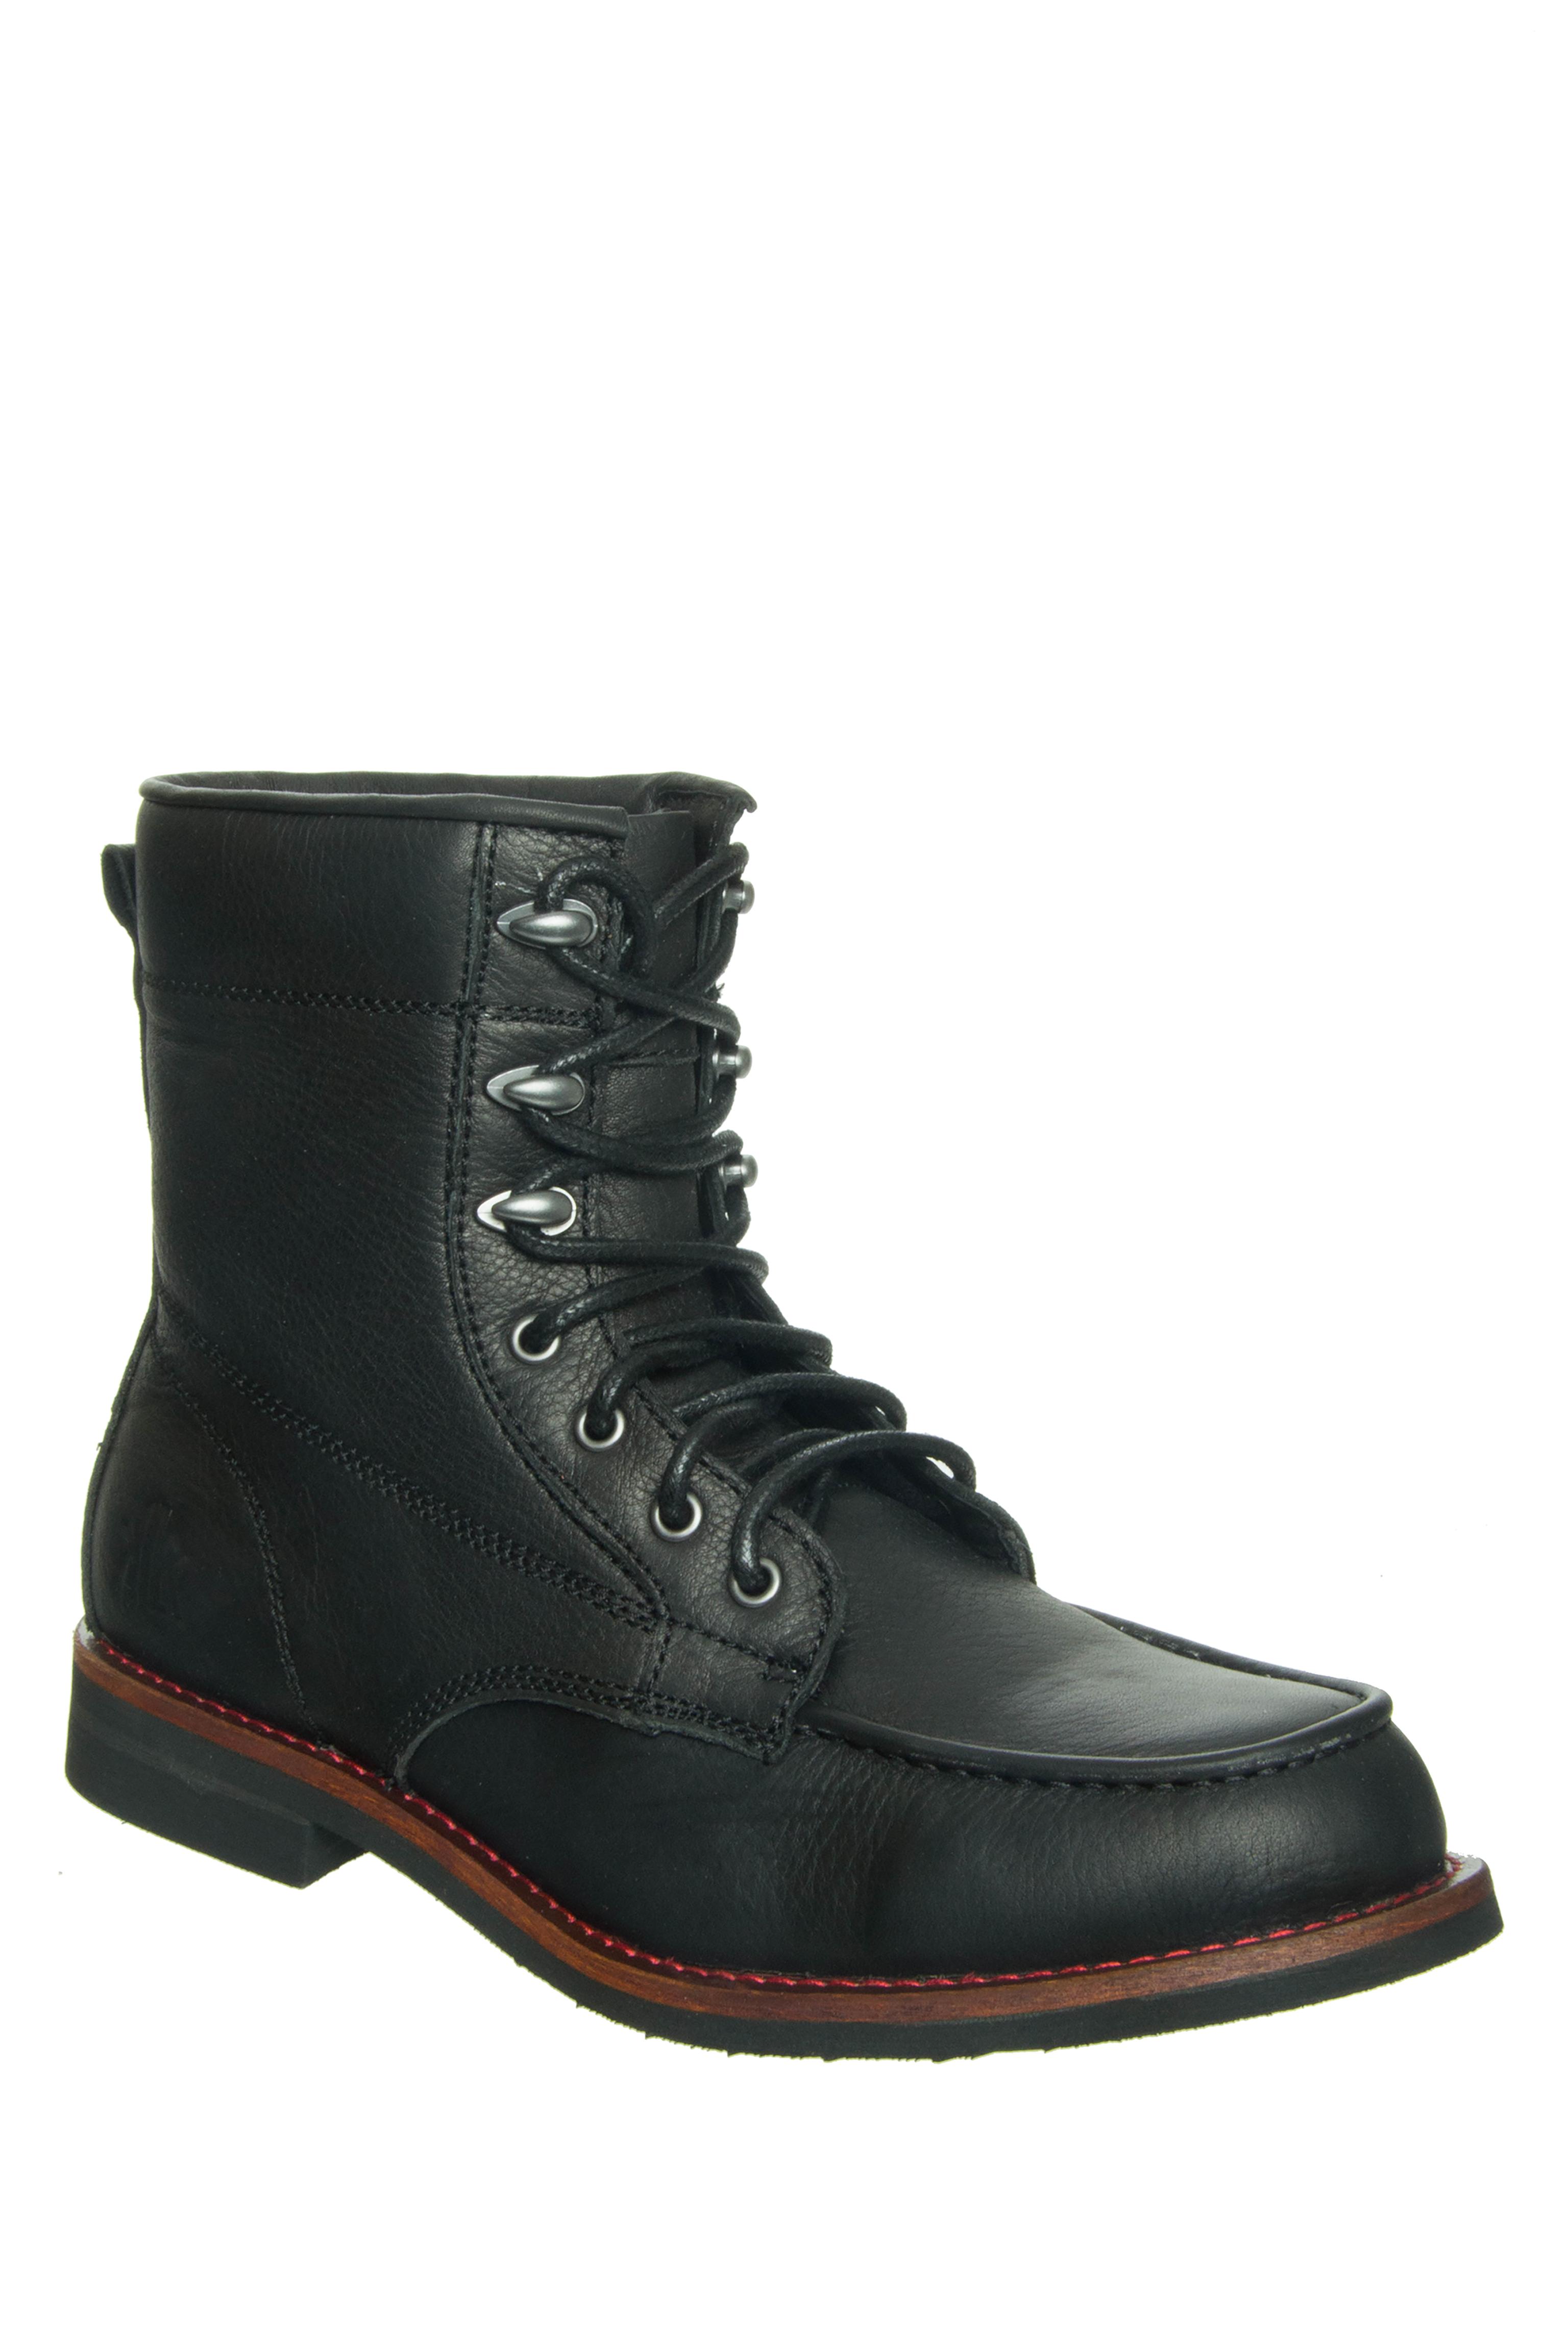 Unisex KLR Ryan Low Heel Boots - Black